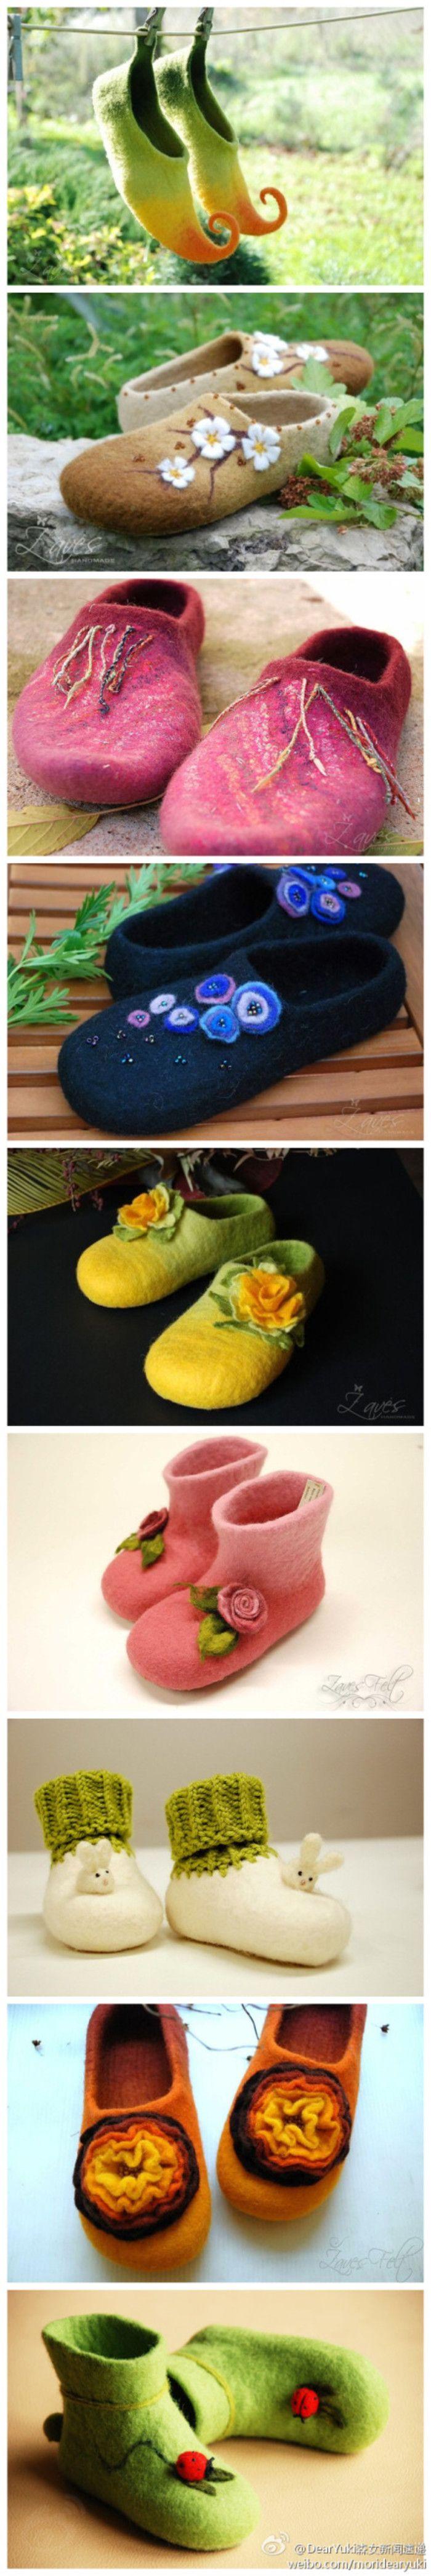 羊毛毡小鞋……_来自唐二奶奶的图片分享-堆糖